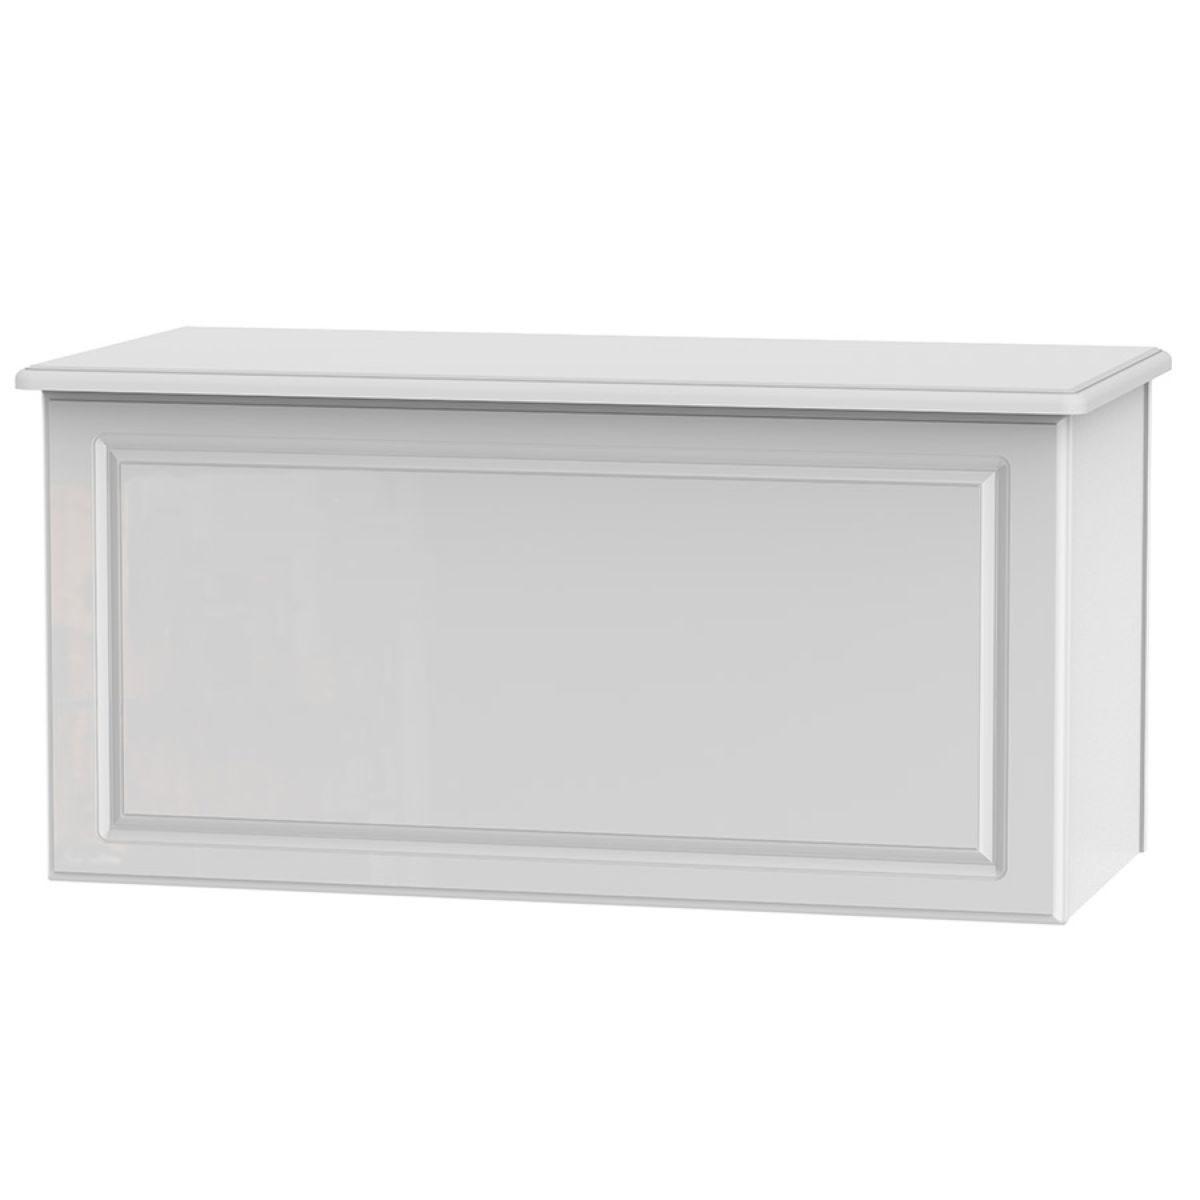 Berryfield Blanket Box - White